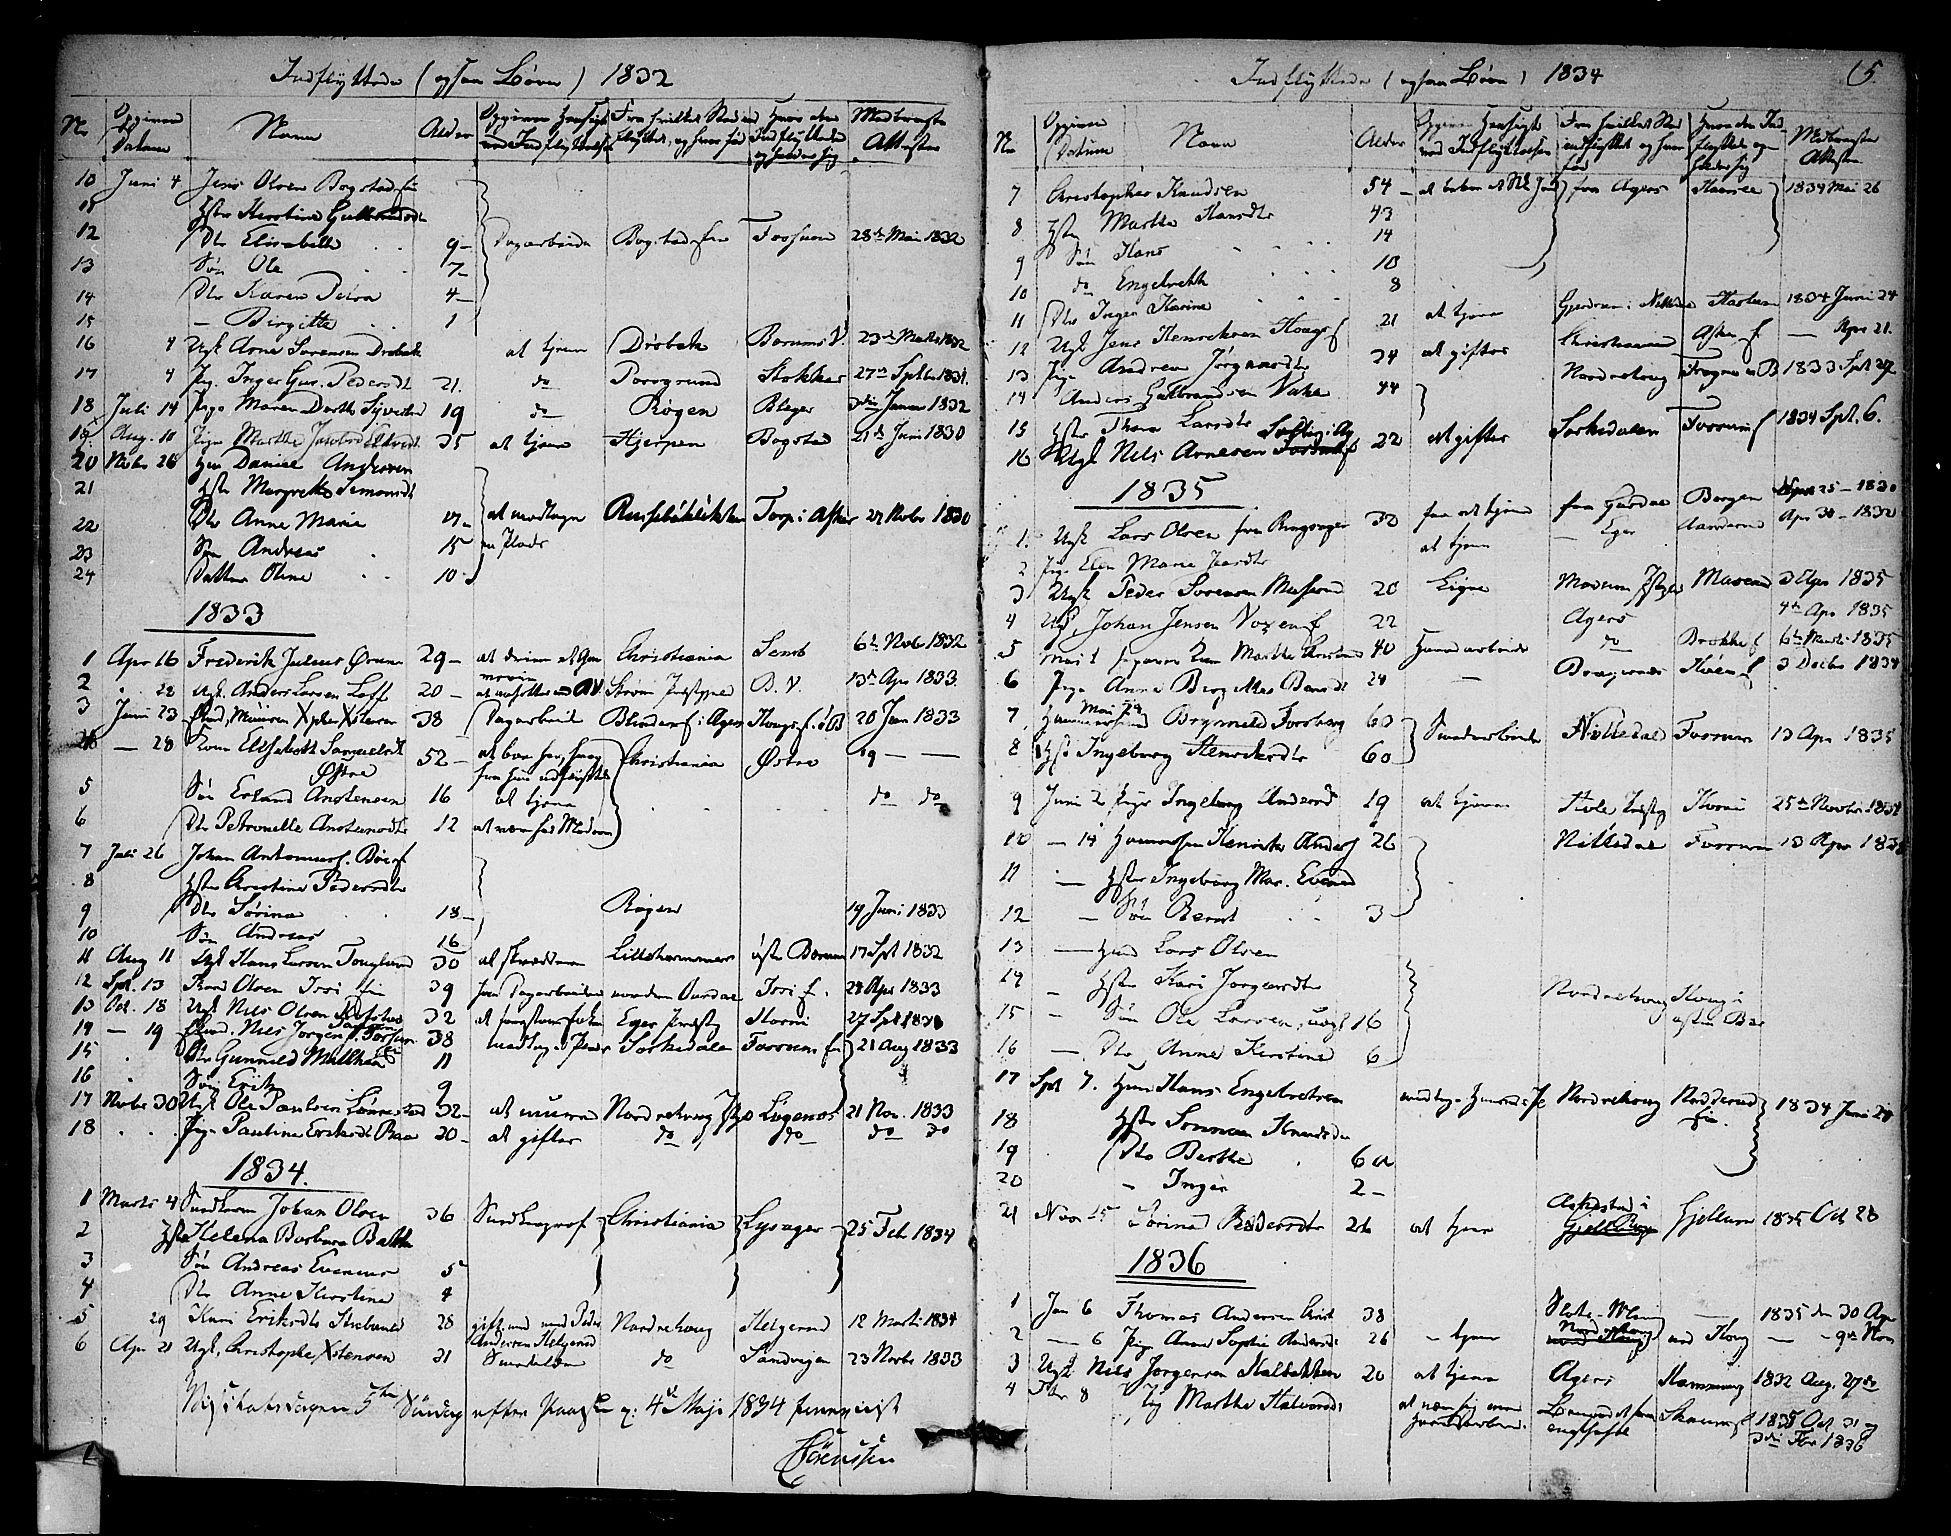 SAO, Asker prestekontor Kirkebøker, F/Fa/L0012: Ministerialbok nr. I 12, 1825-1878, s. 5